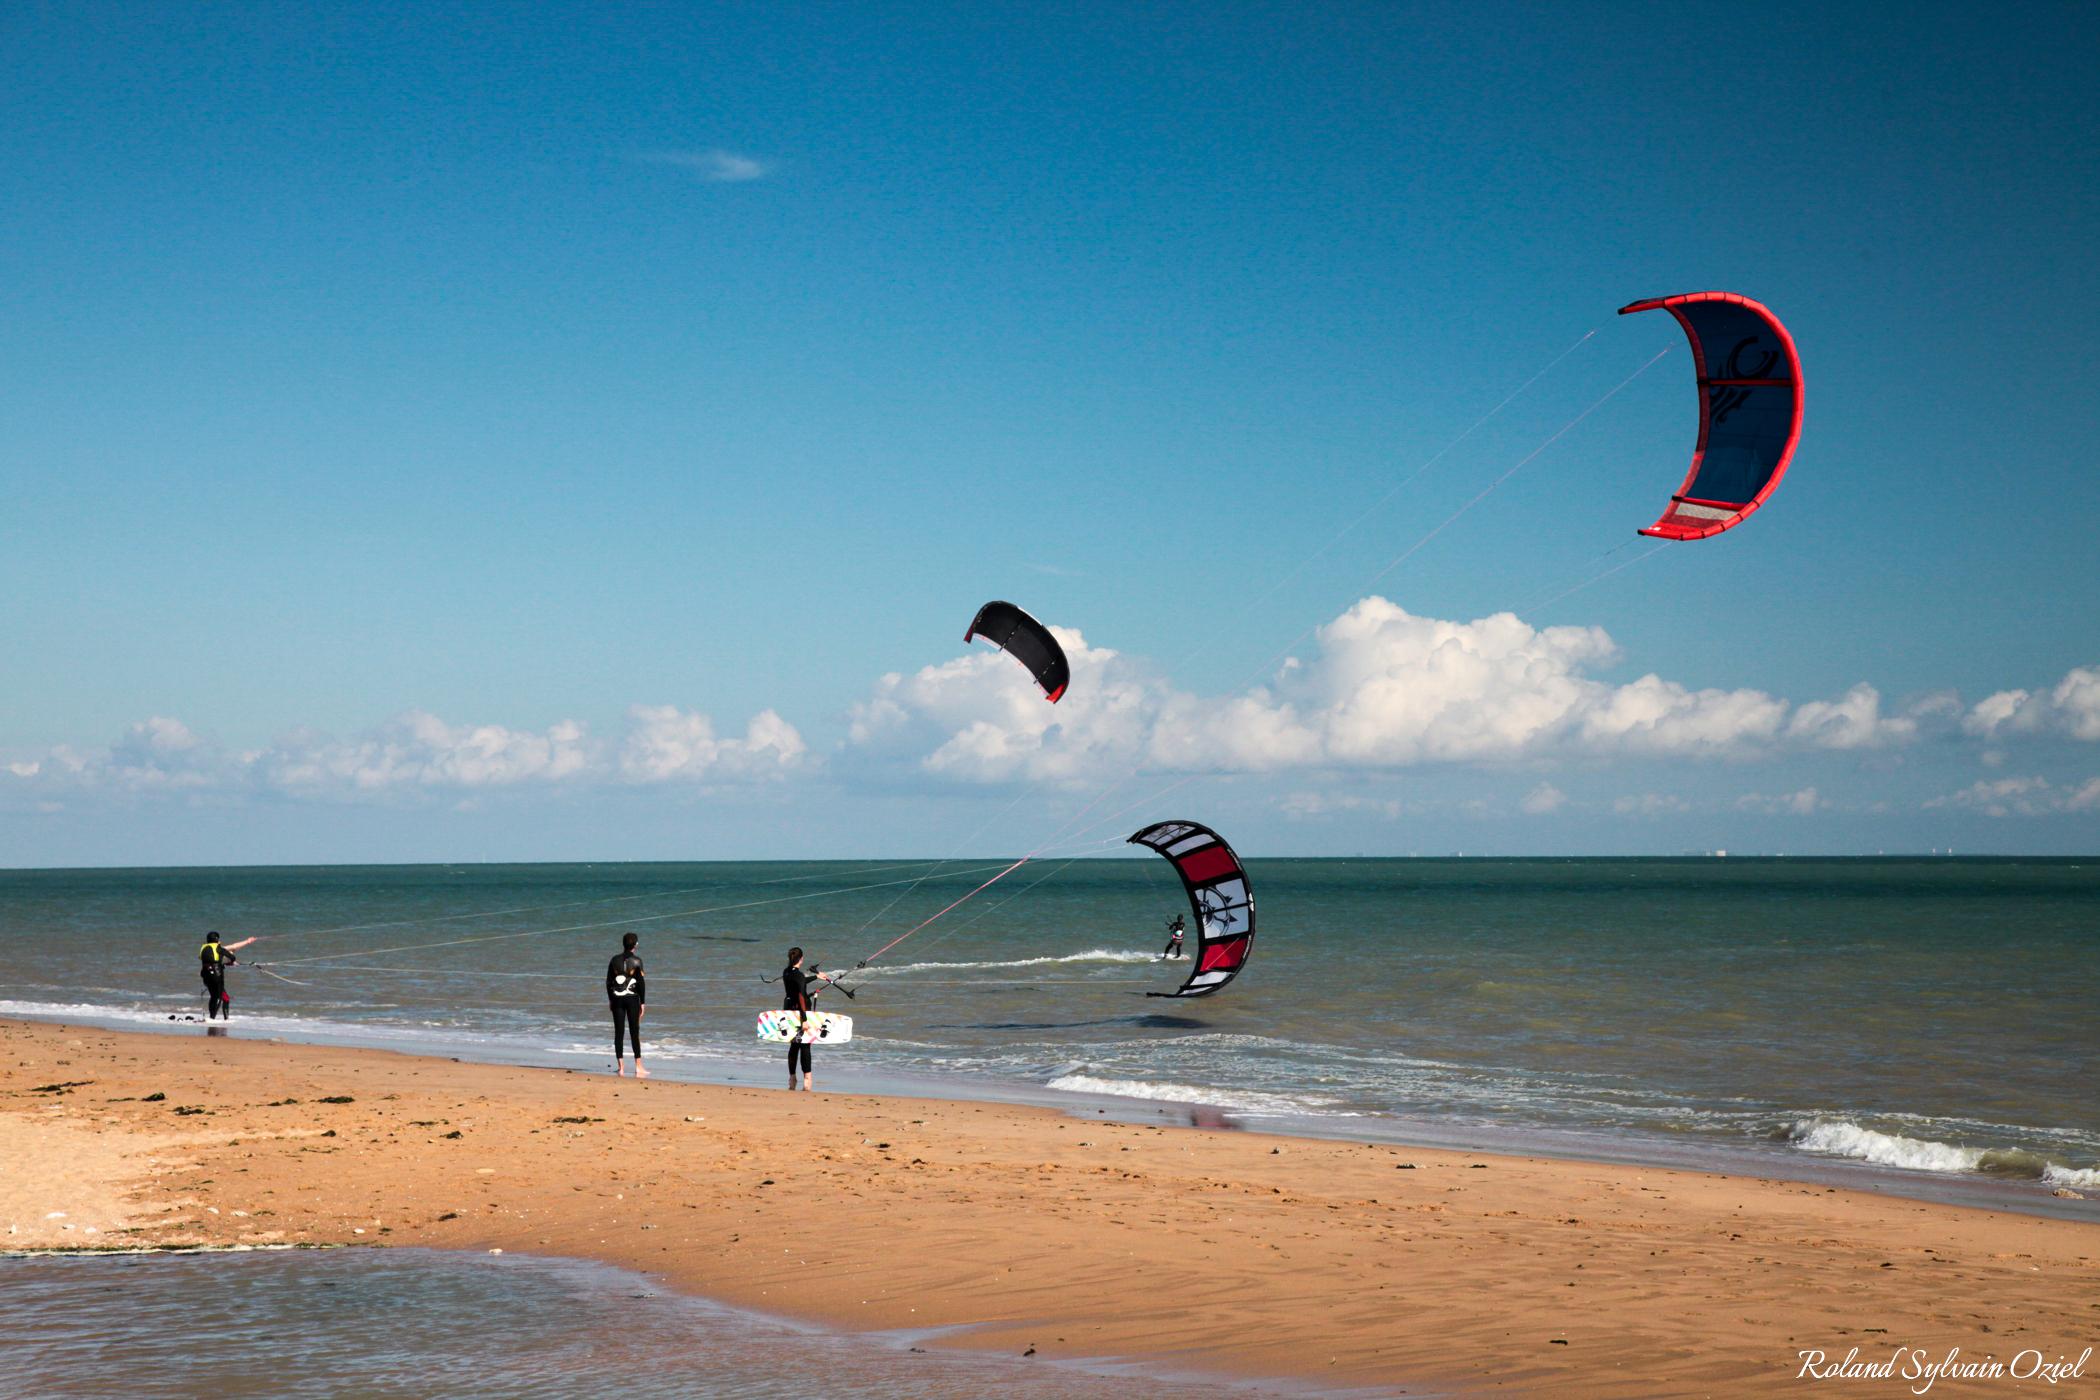 Le kite surf activité nautique praticable en Vendée à la Tranche sur Mer